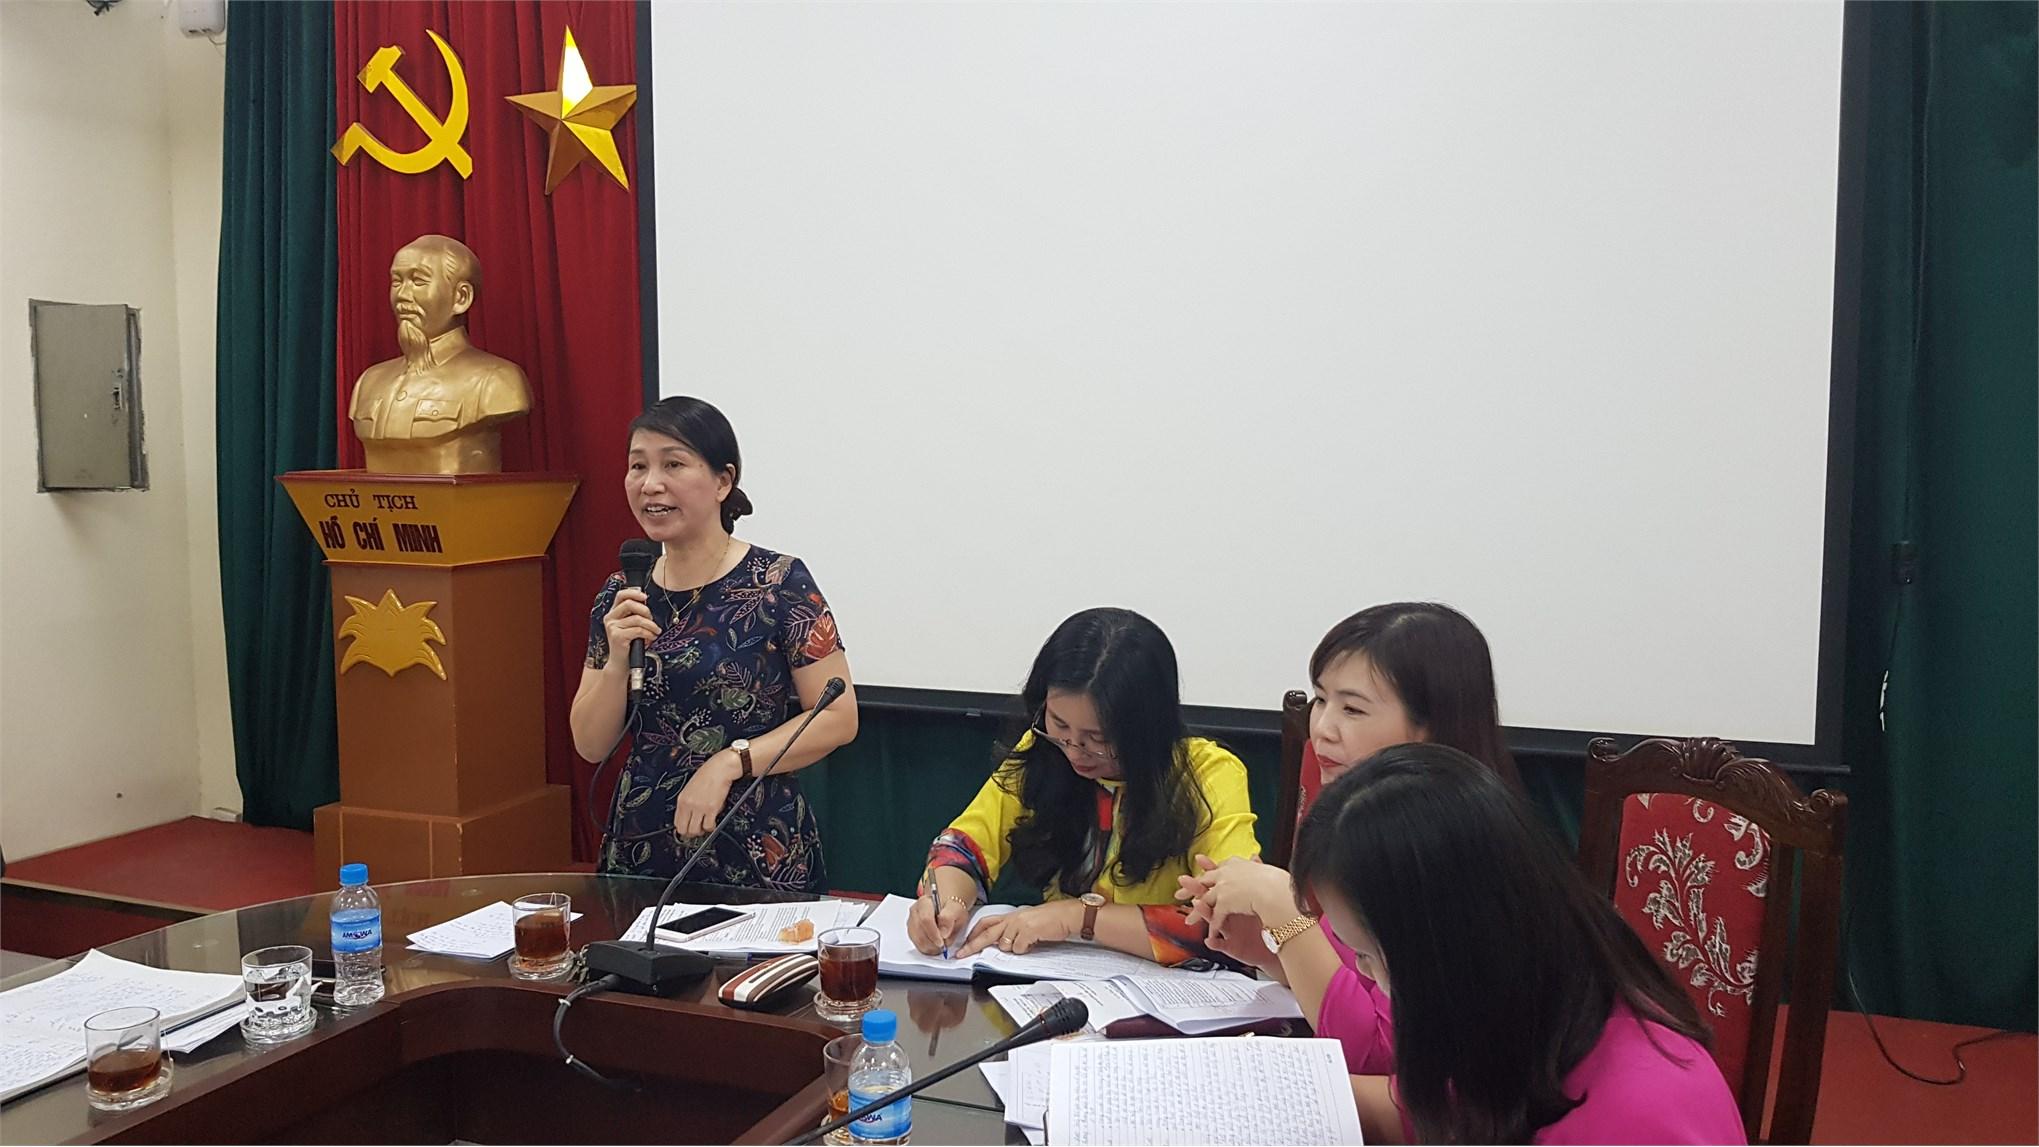 Hội nghị cán bộ CCVC Tổng kết năm học 2018-2019 và triển khai nhiệm vụ năm học 2019-2020